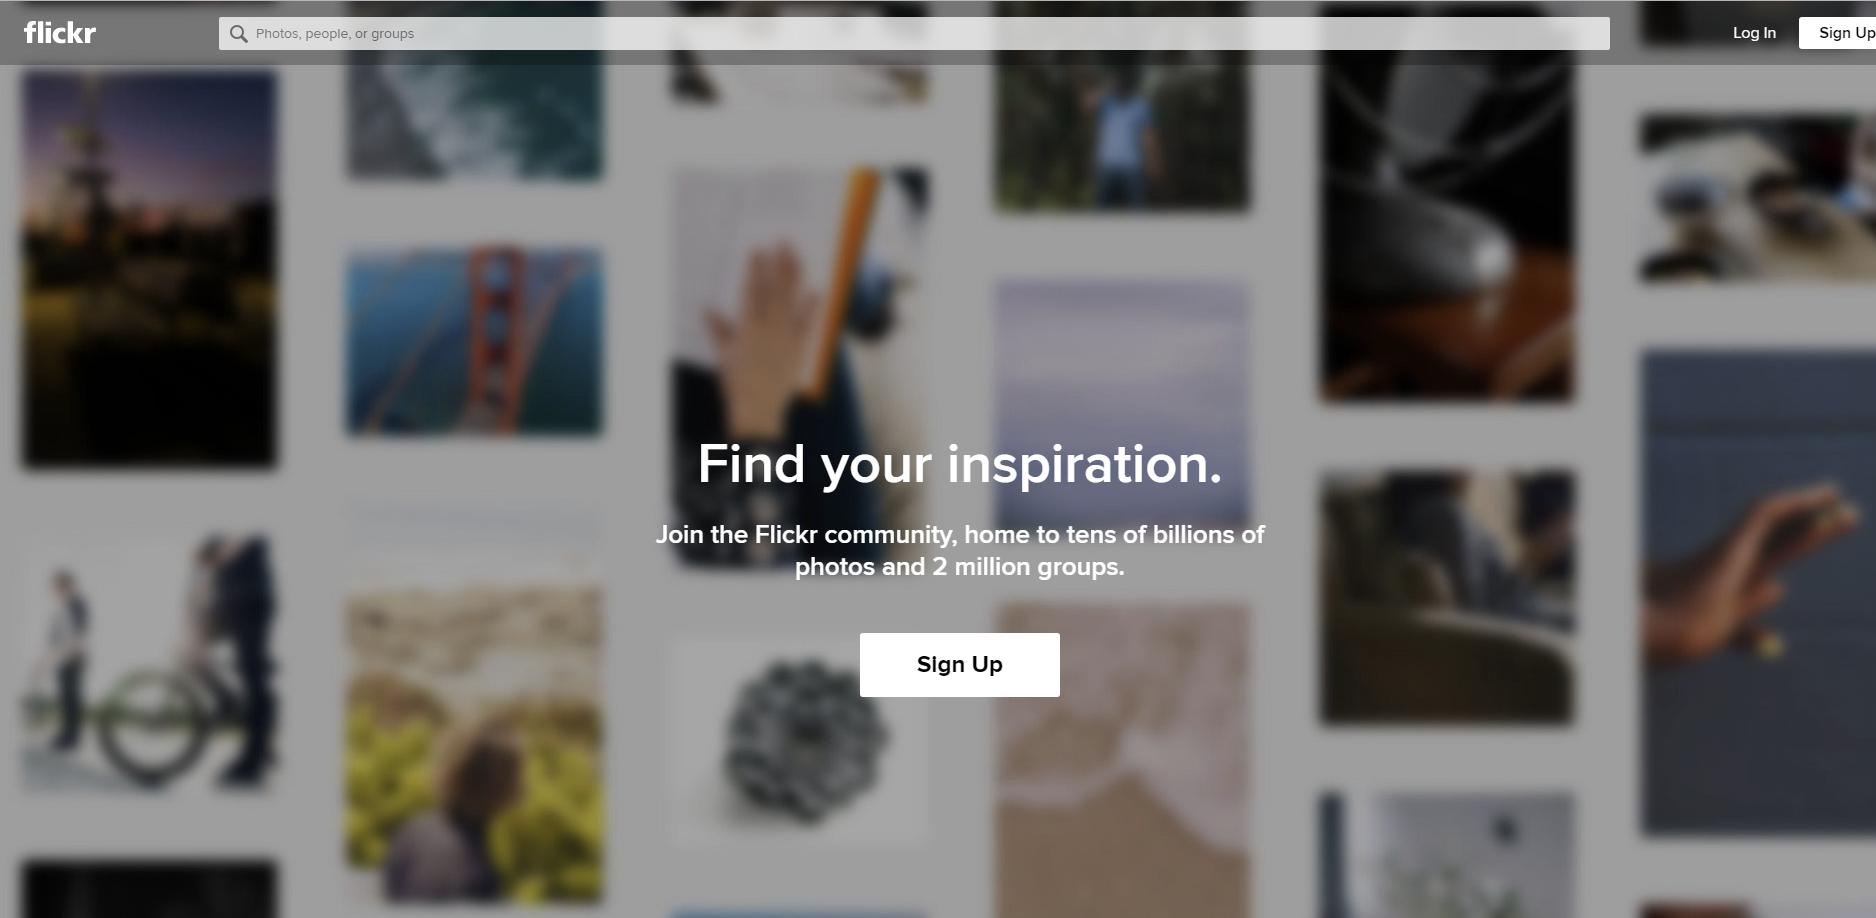 flickr, jogtiszta fotók, ingyenes fotók, jogtiszta képek, ingyenes képek, ingyenes png ábrák, ingyenes háttérképek, ingyenes logó